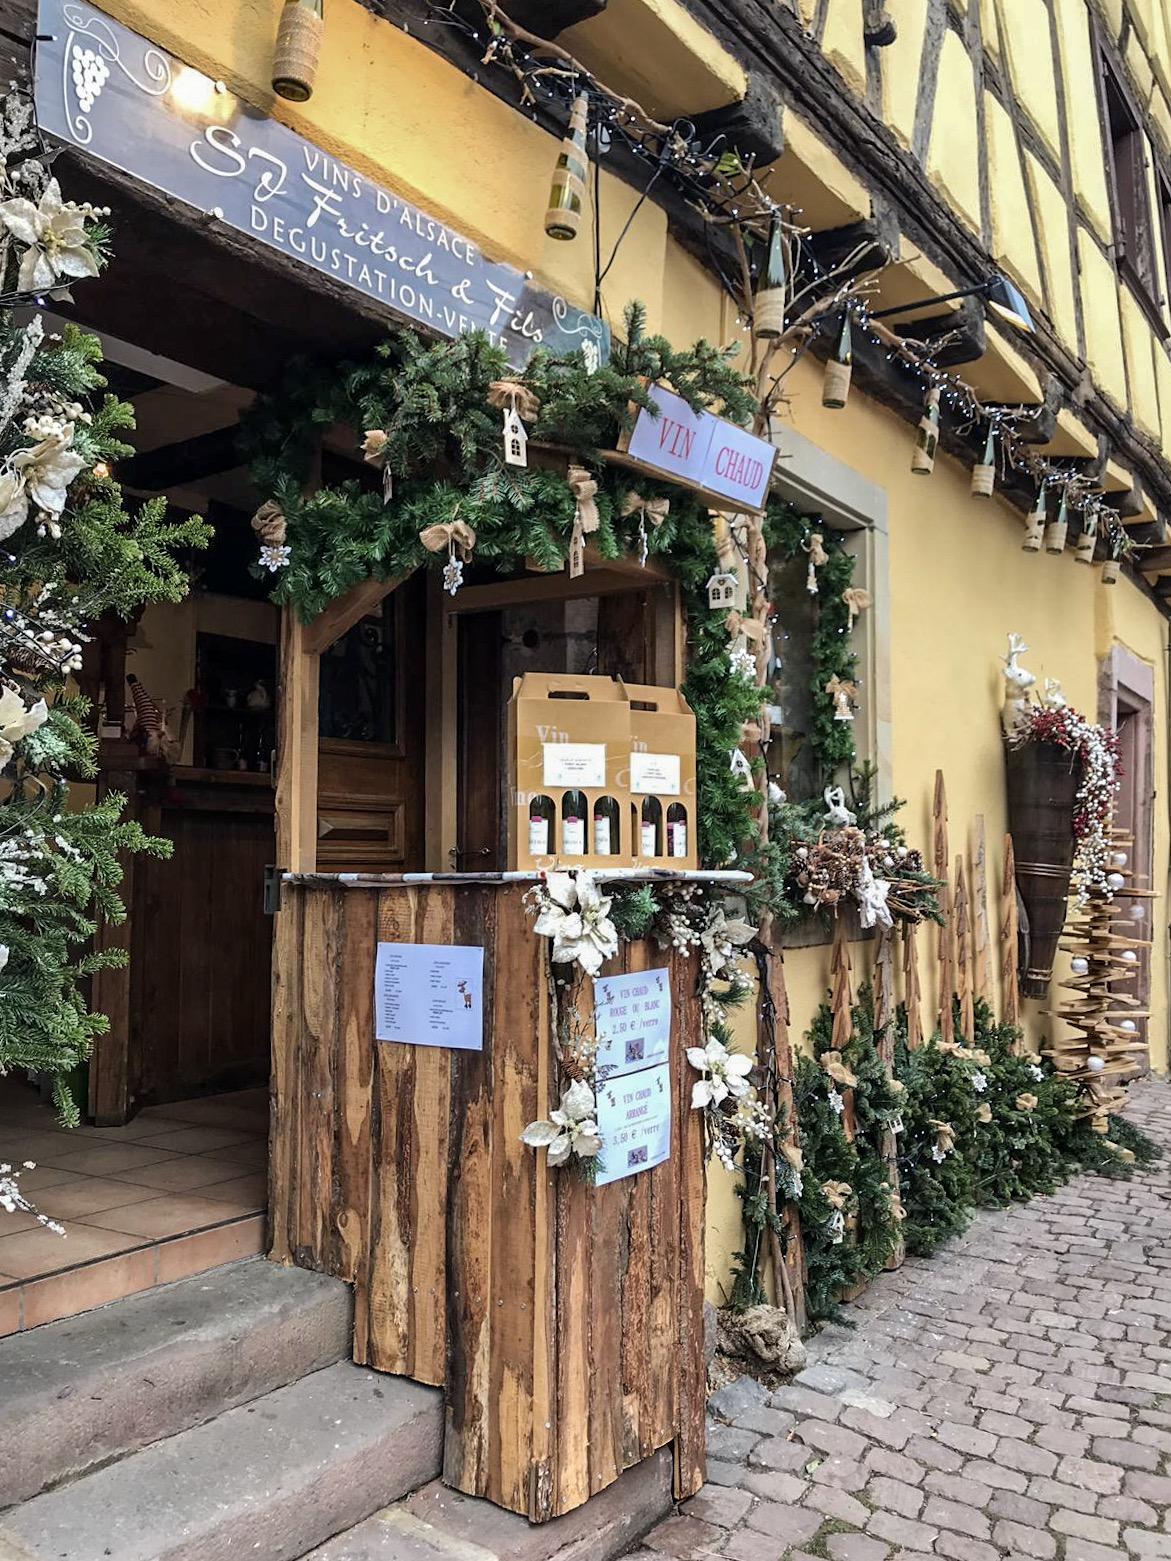 Vinarije u Riquewihr-u